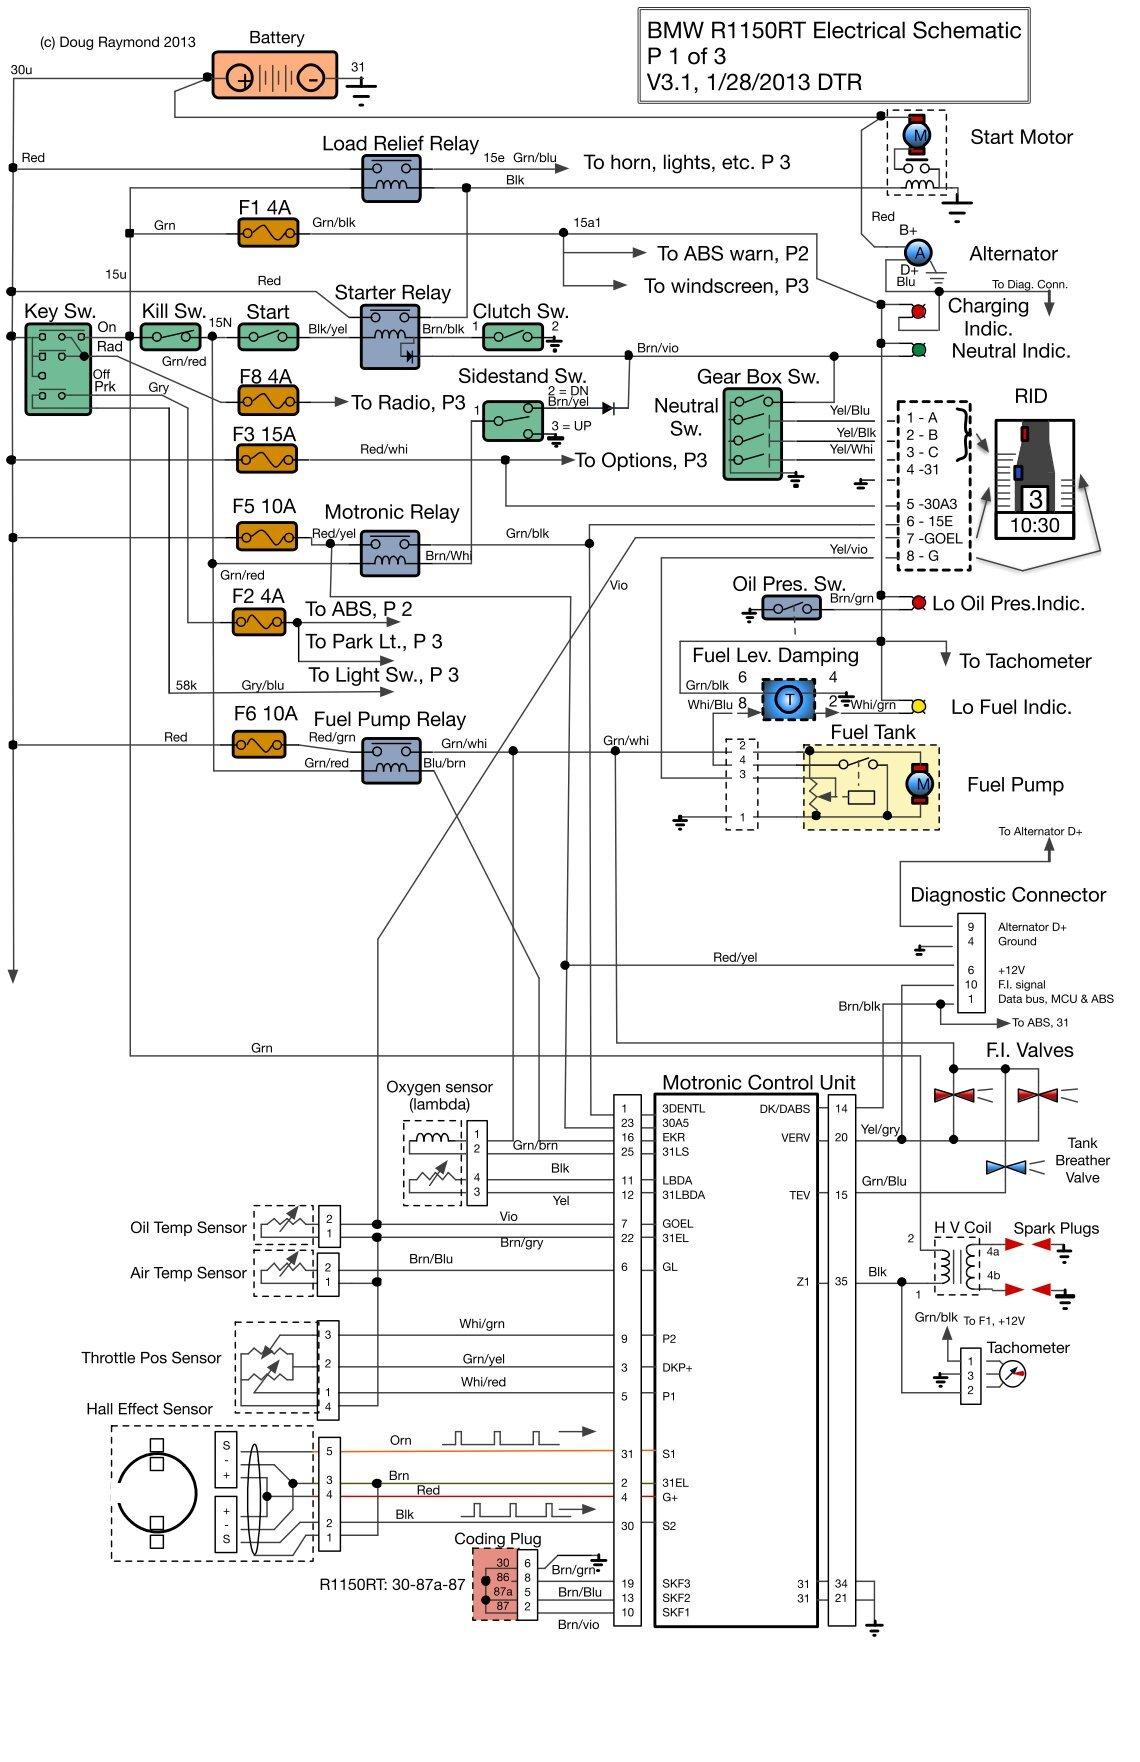 Ausgezeichnet Bmw E65 Schaltpläne Ideen - Elektrische Schaltplan ...